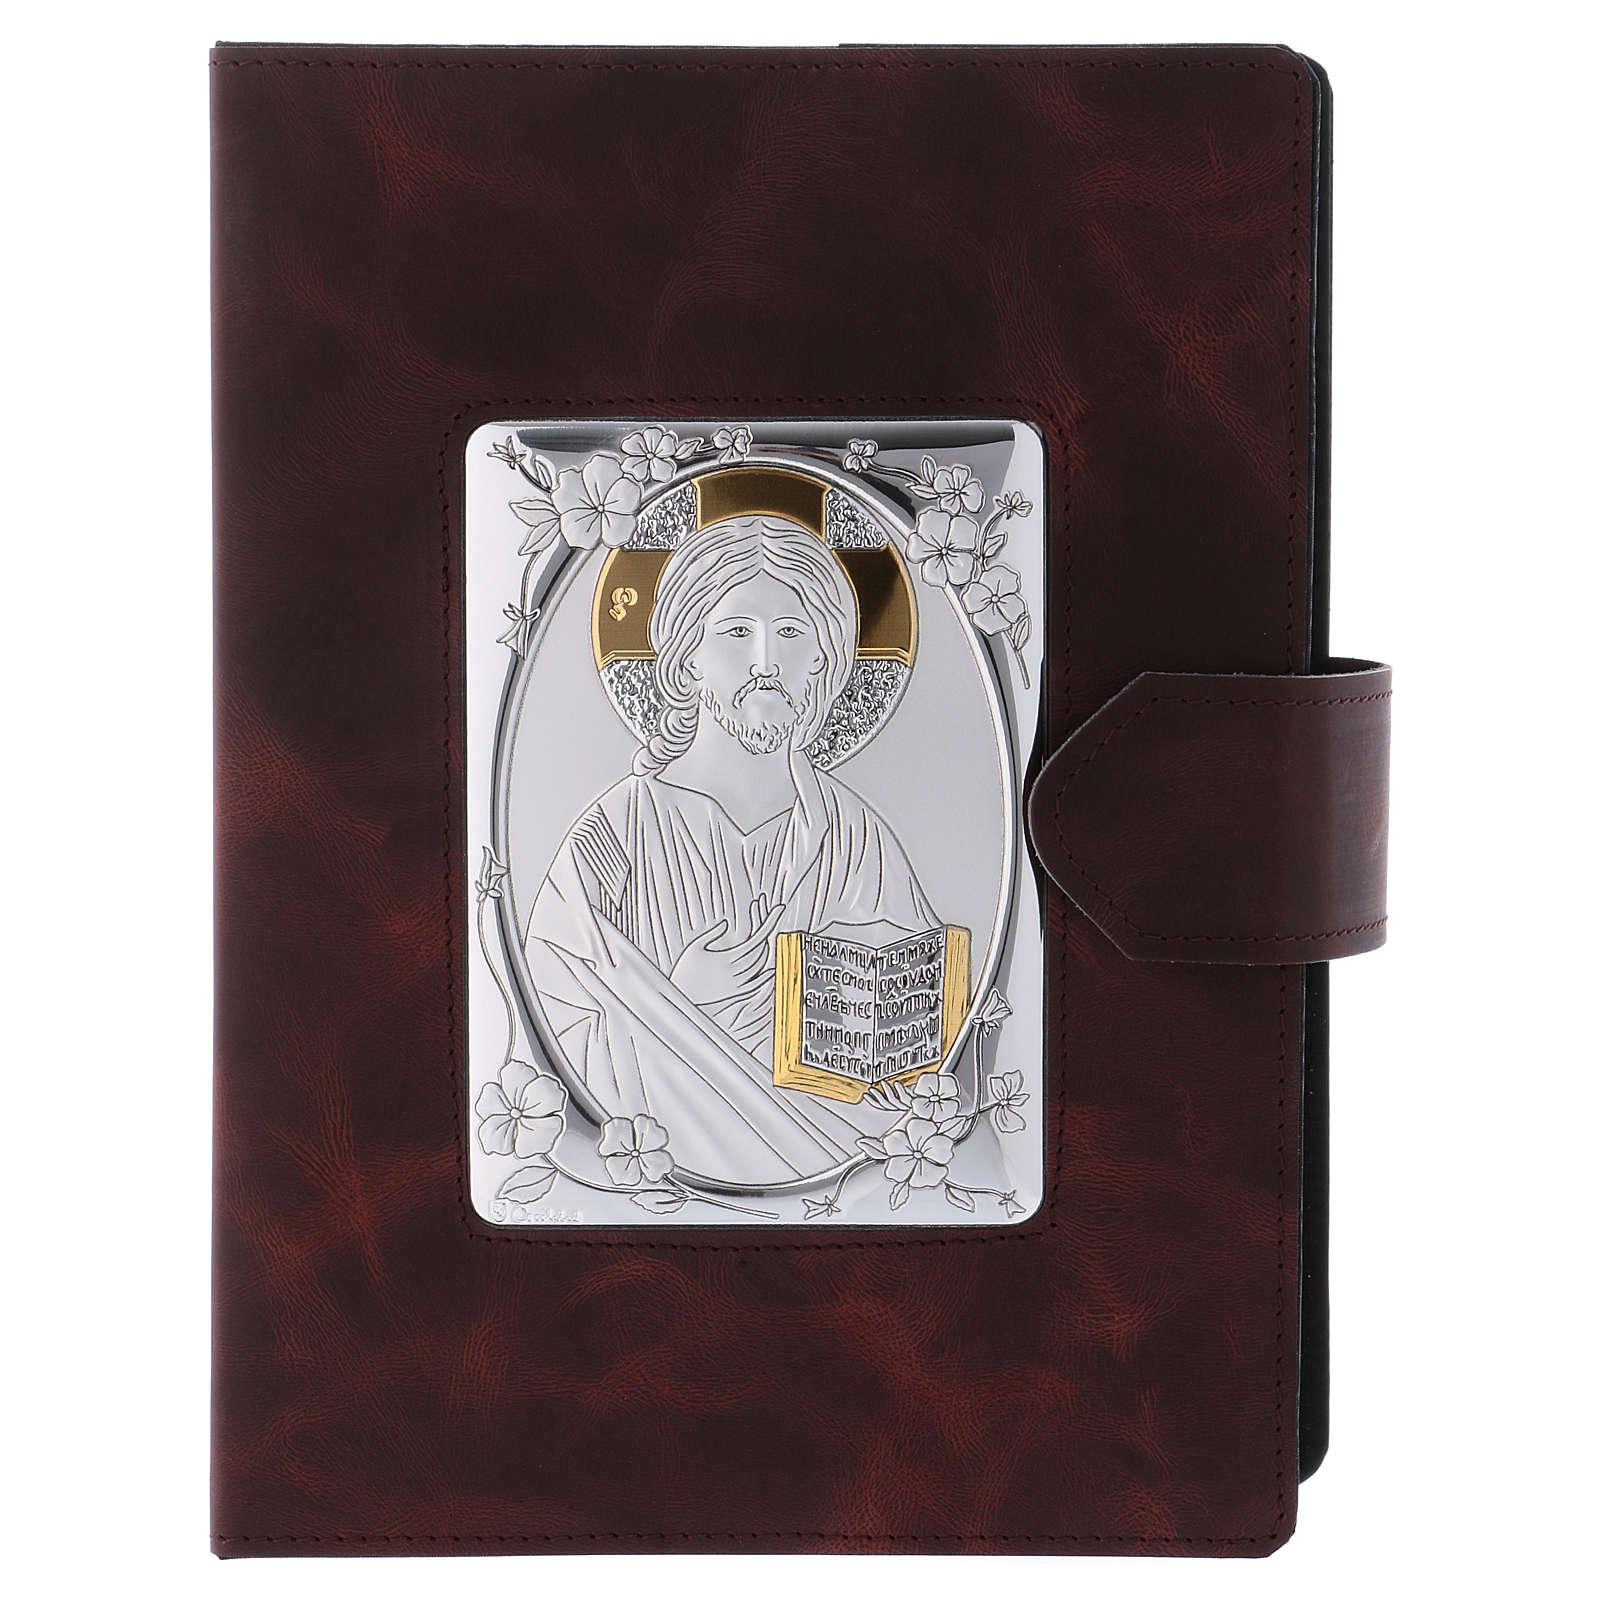 Etui missel romain en cuir, argent 4